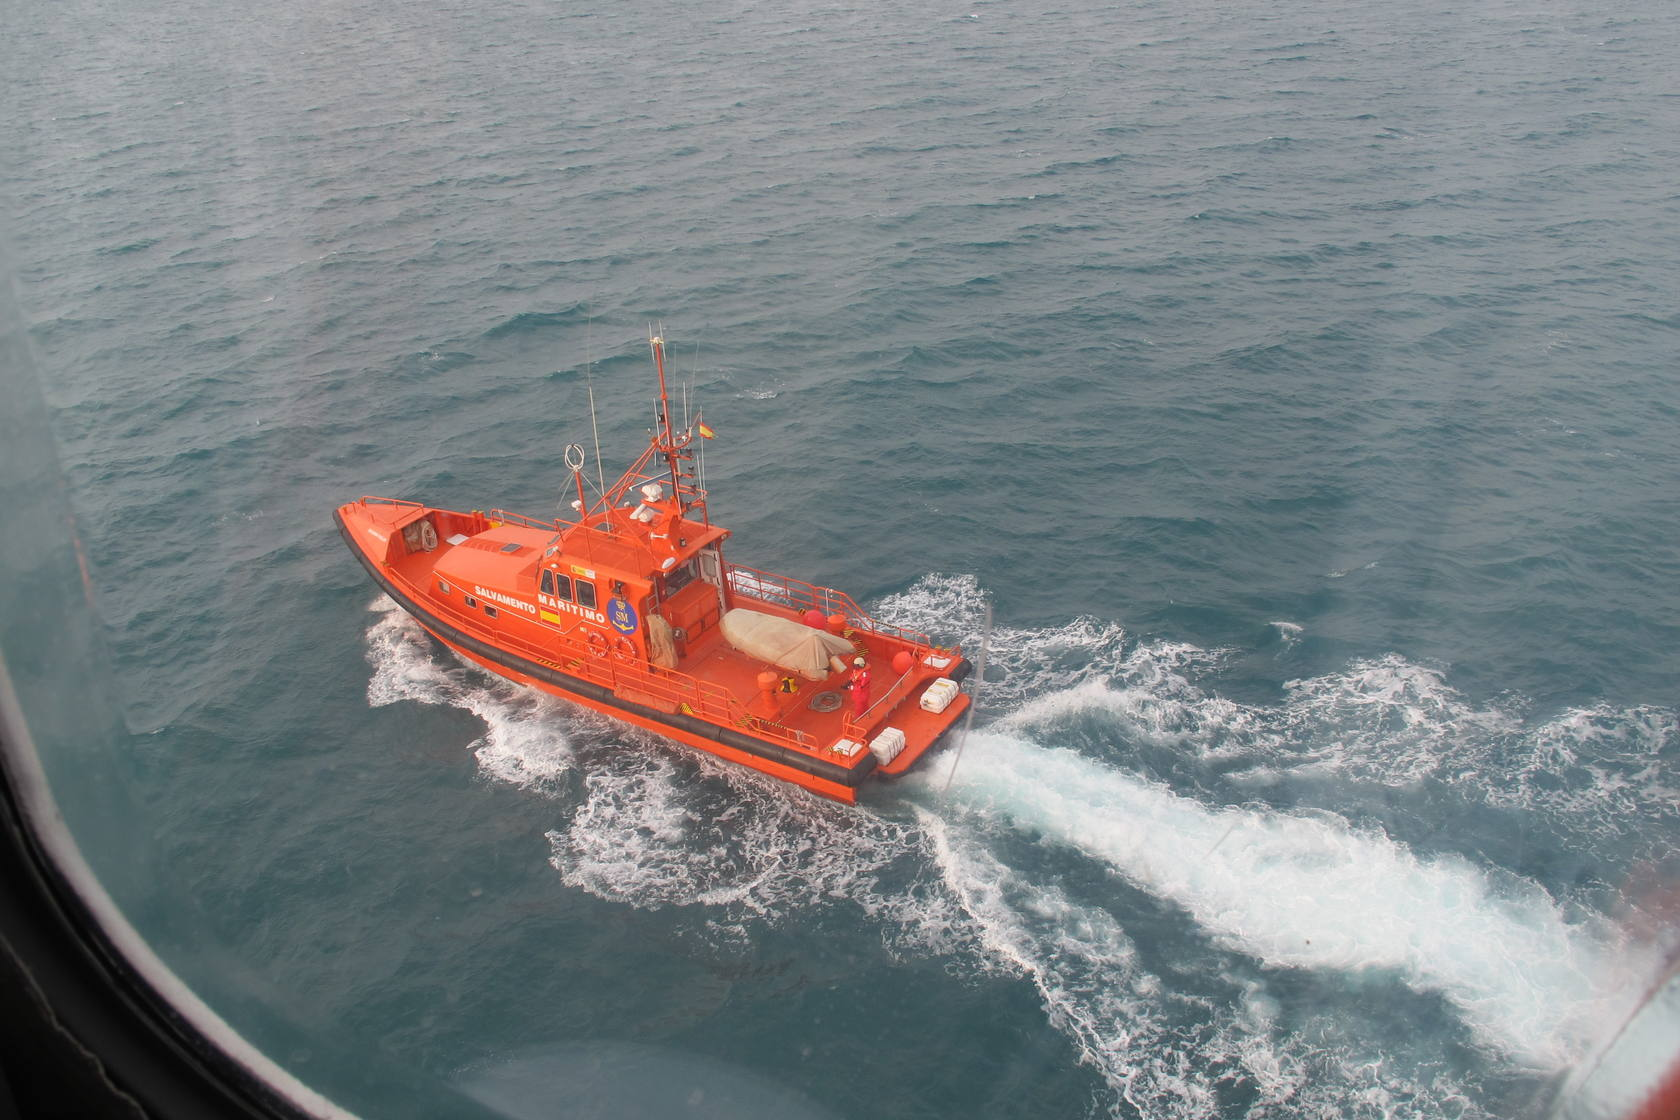 Al rescate con Salvamento Marítimo